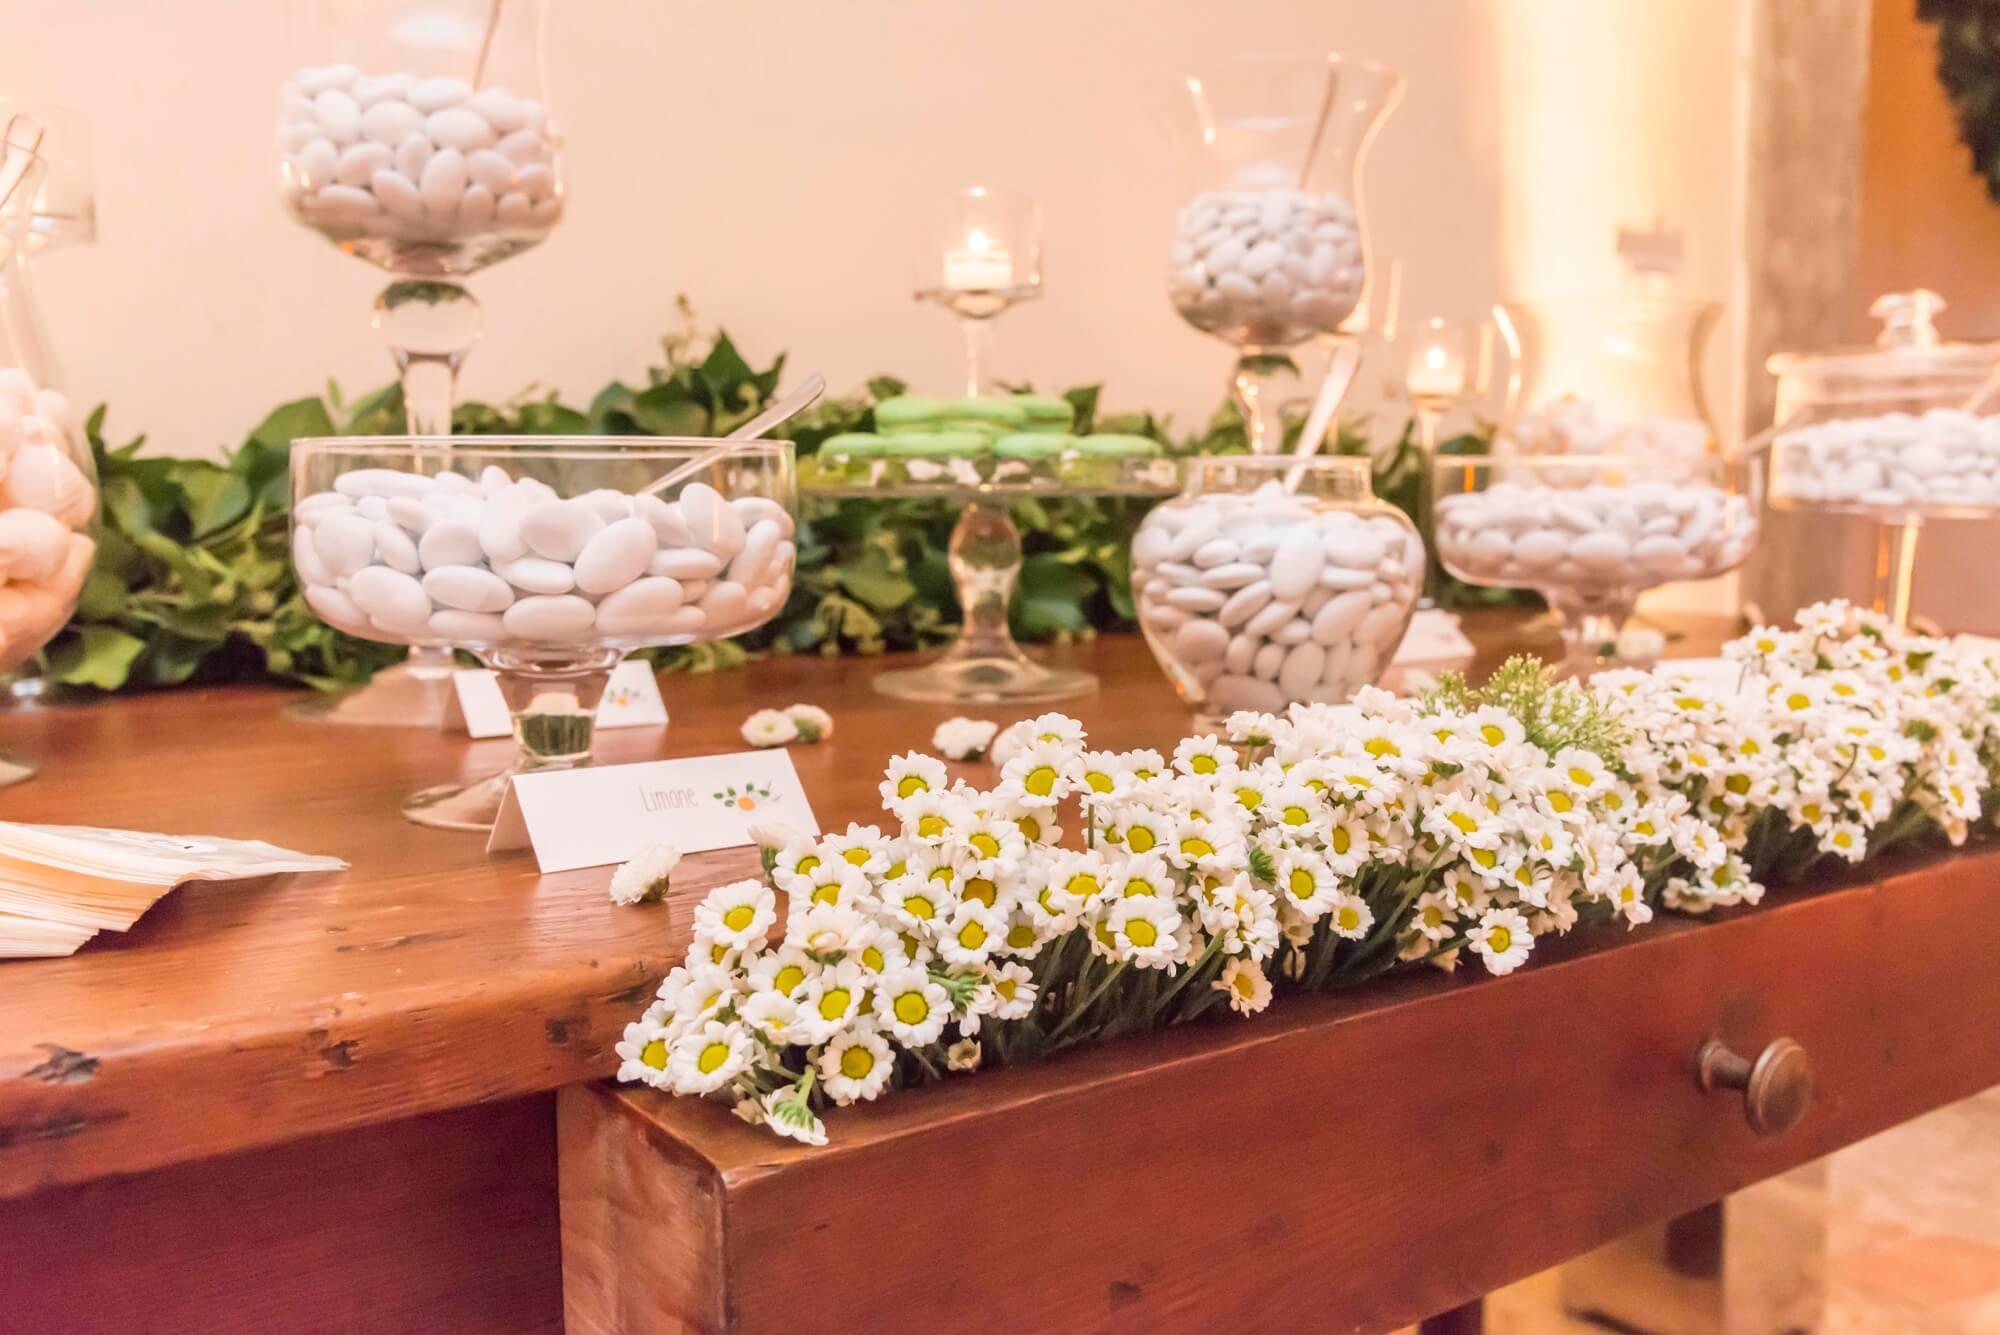 Bomboniere personalizzate e confetti per matrimoni in Toscana. Giulia Alessandri Wedding Planner: progettazione e coordinazione matrimoni in Toscana.